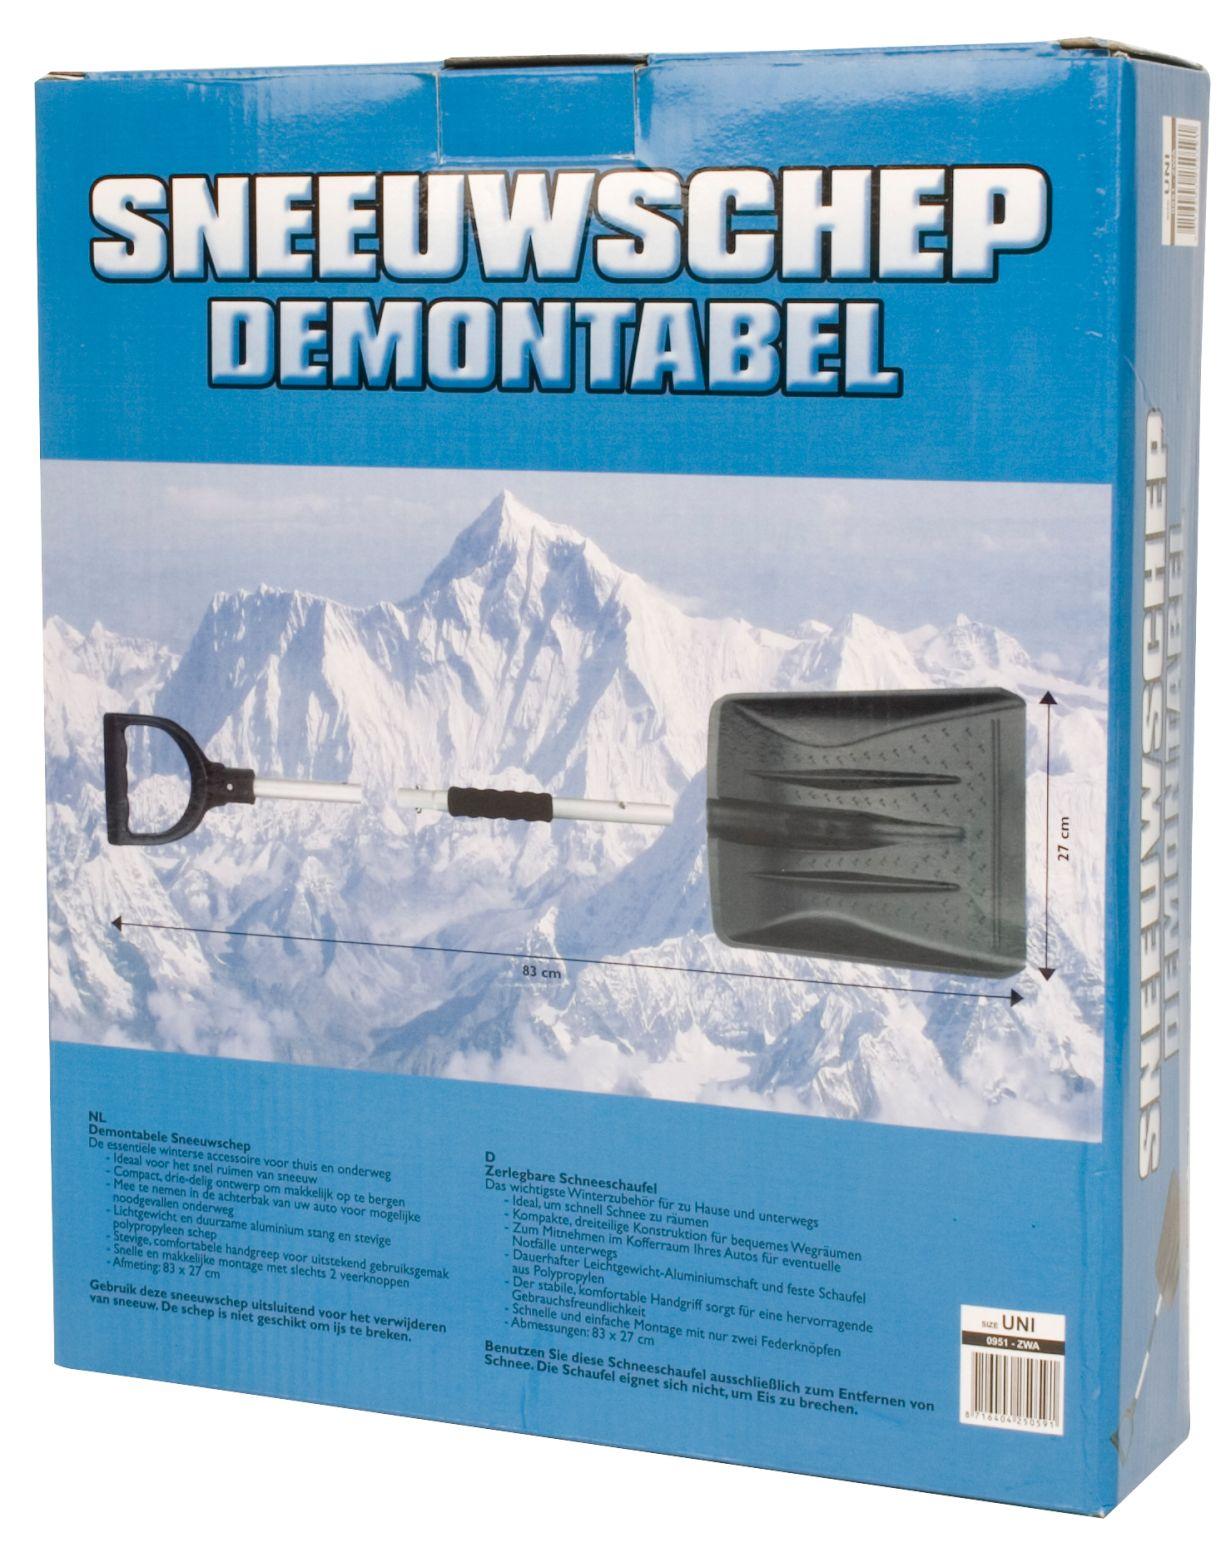 Sneeuwschep • Demontabel •